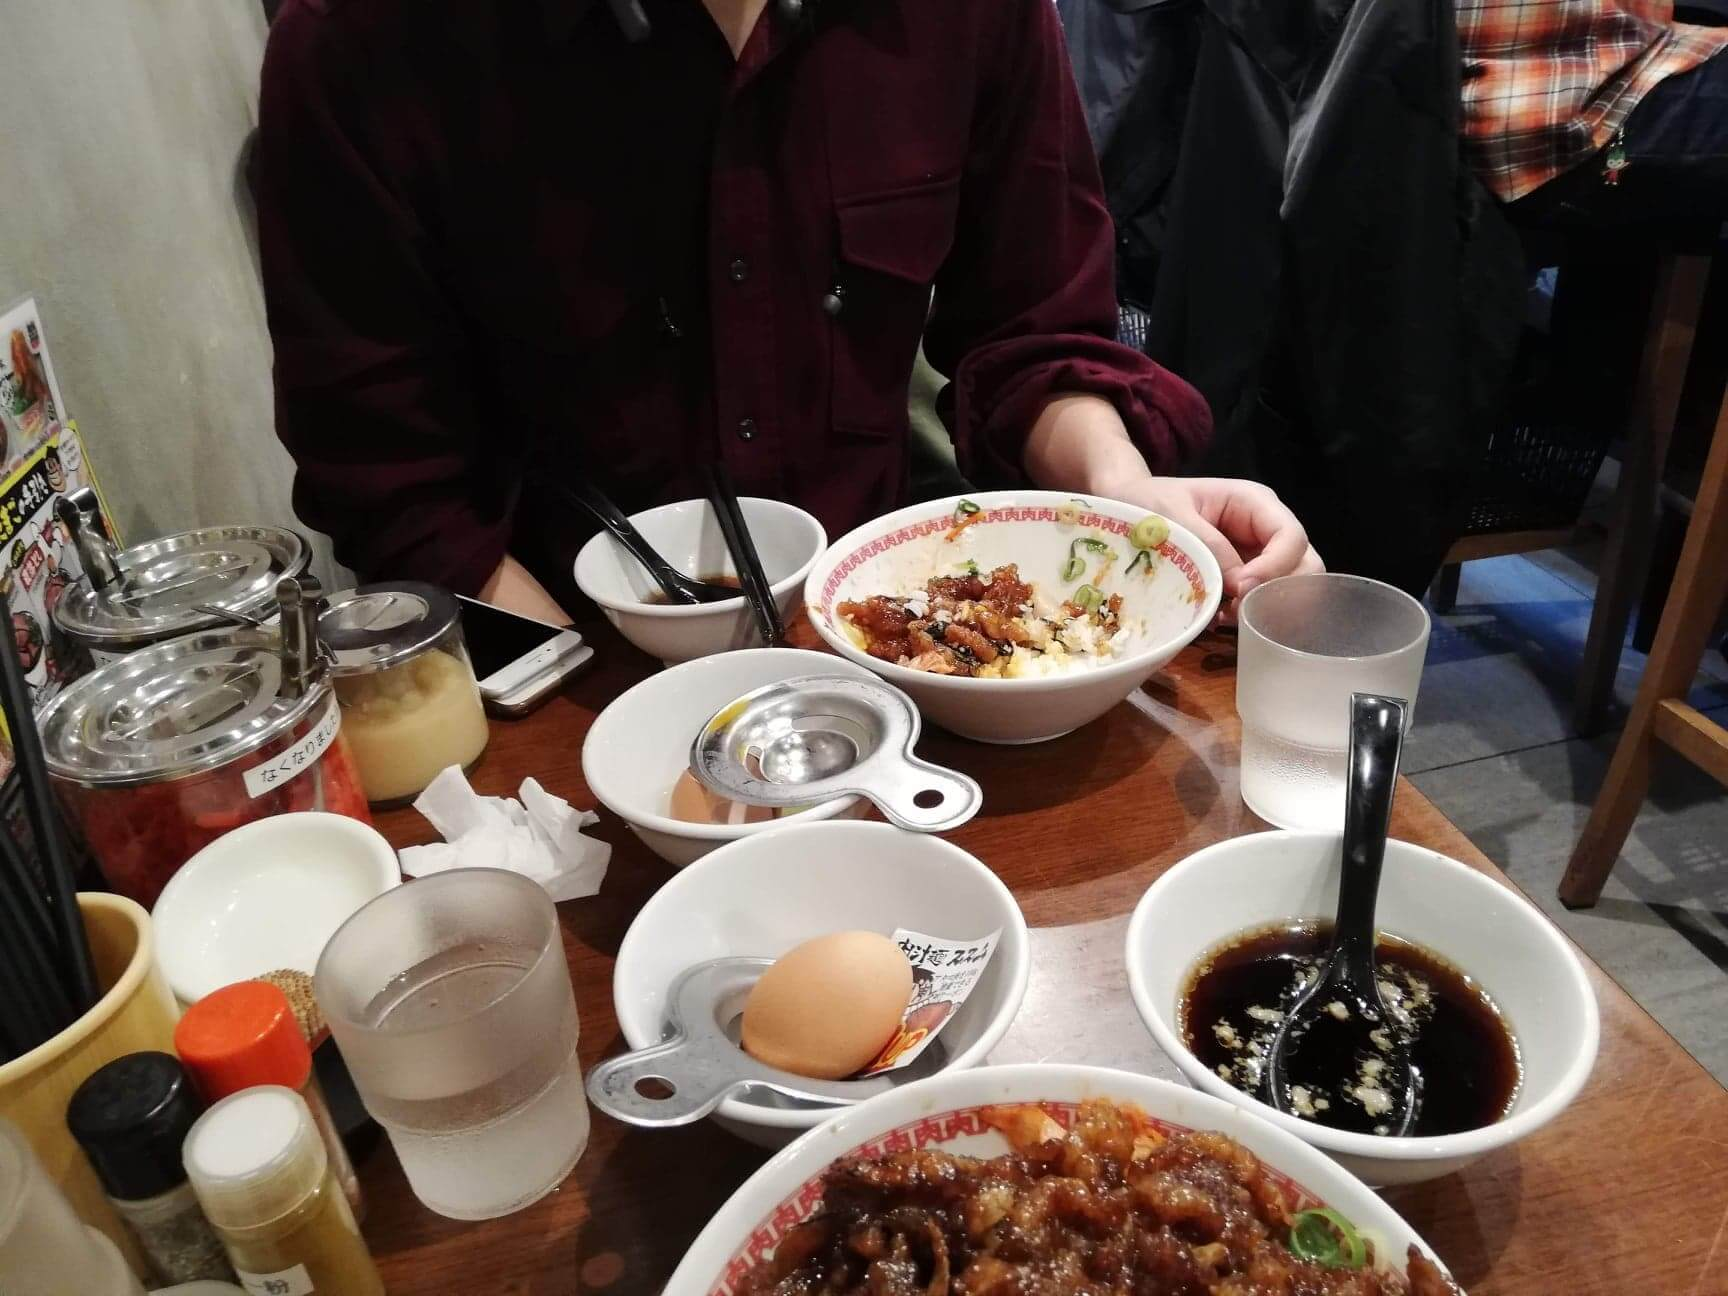 高田馬場『肉汁麺ススム』の机にある丼の写真